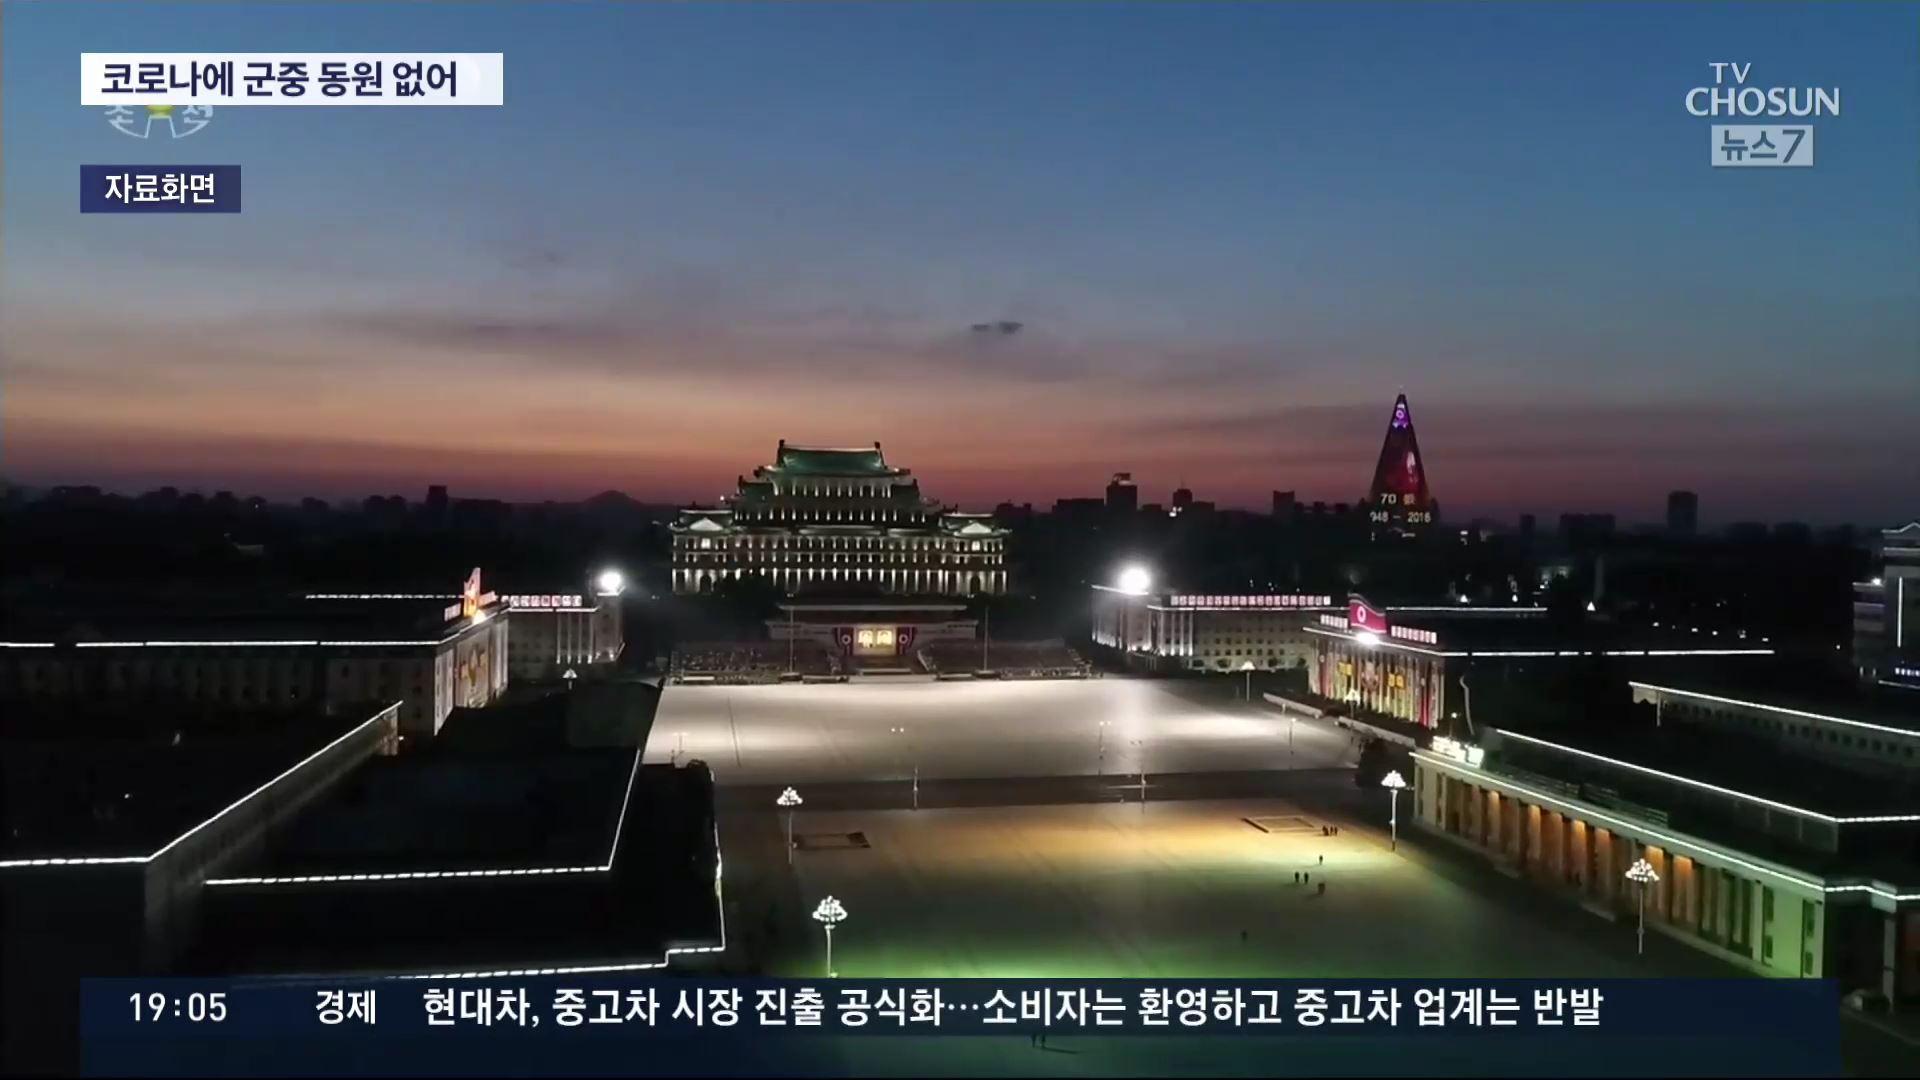 신형 ICBM 공개 등 미지수…'다탄두 ICBM 가능성'